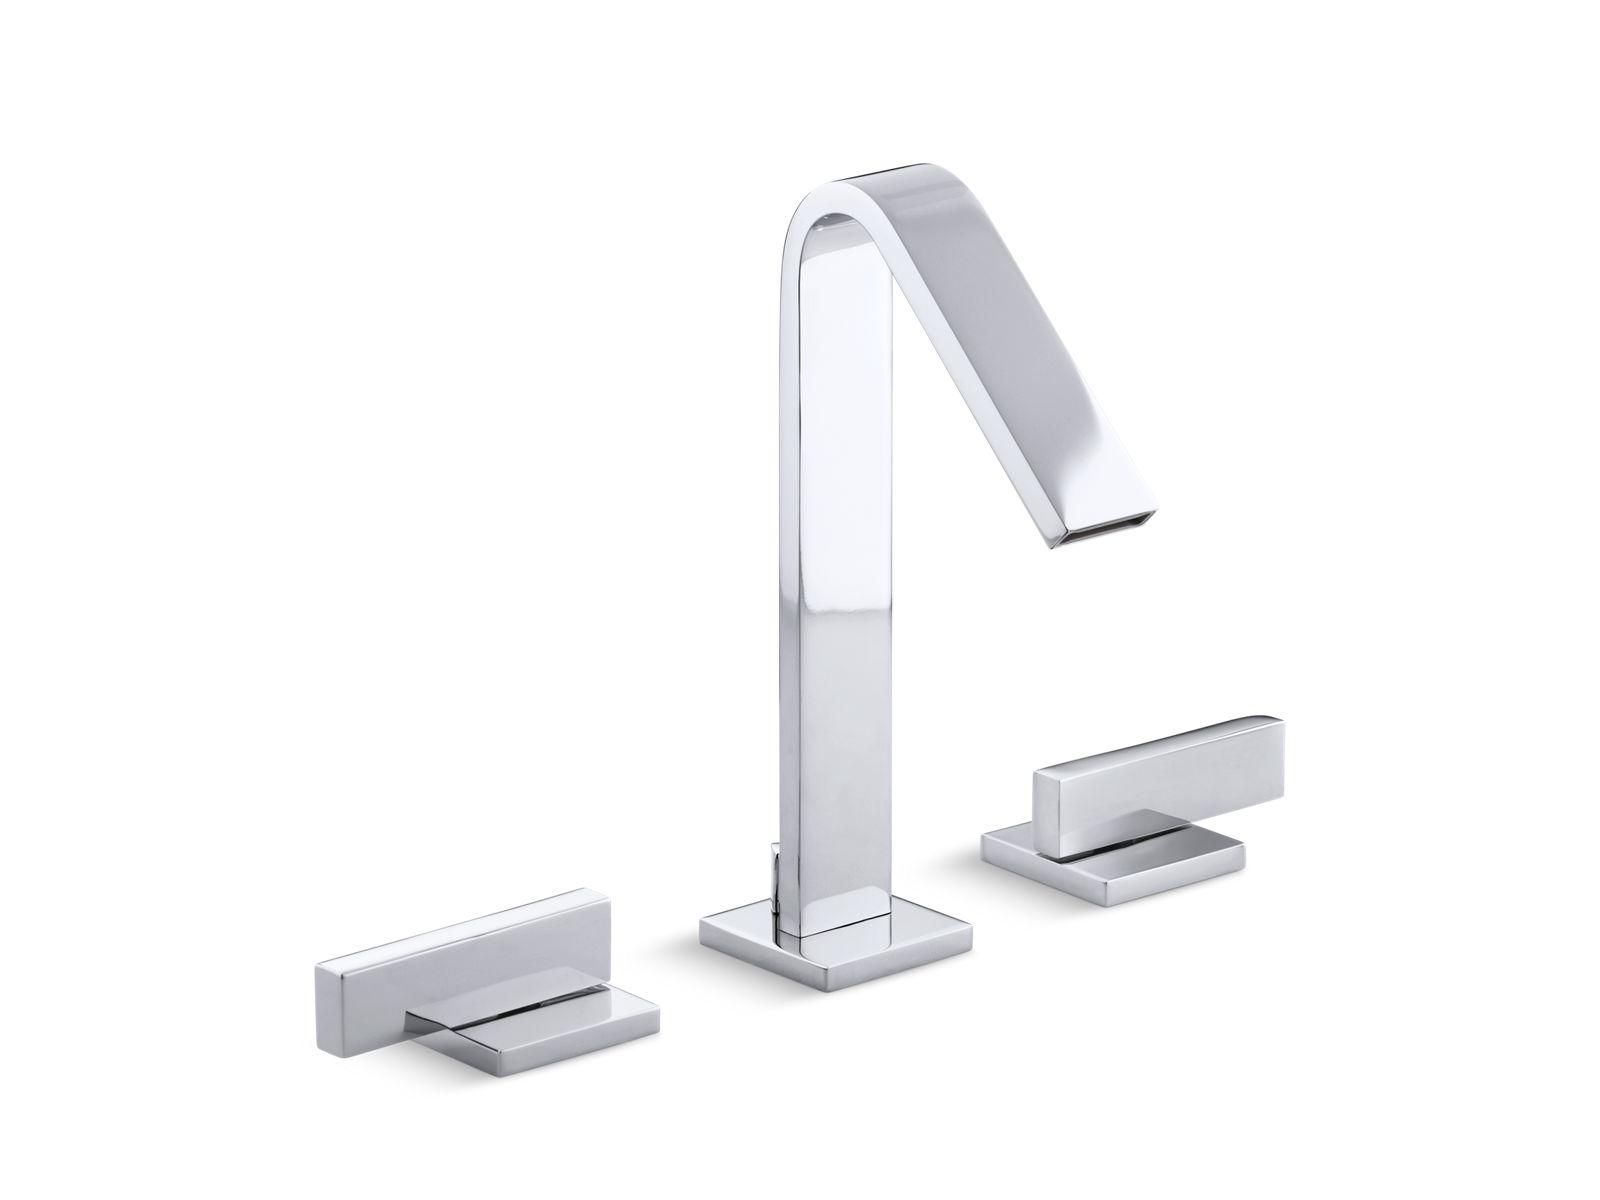 k 14661 4 loure widespread bathroom sink faucet kohler canada